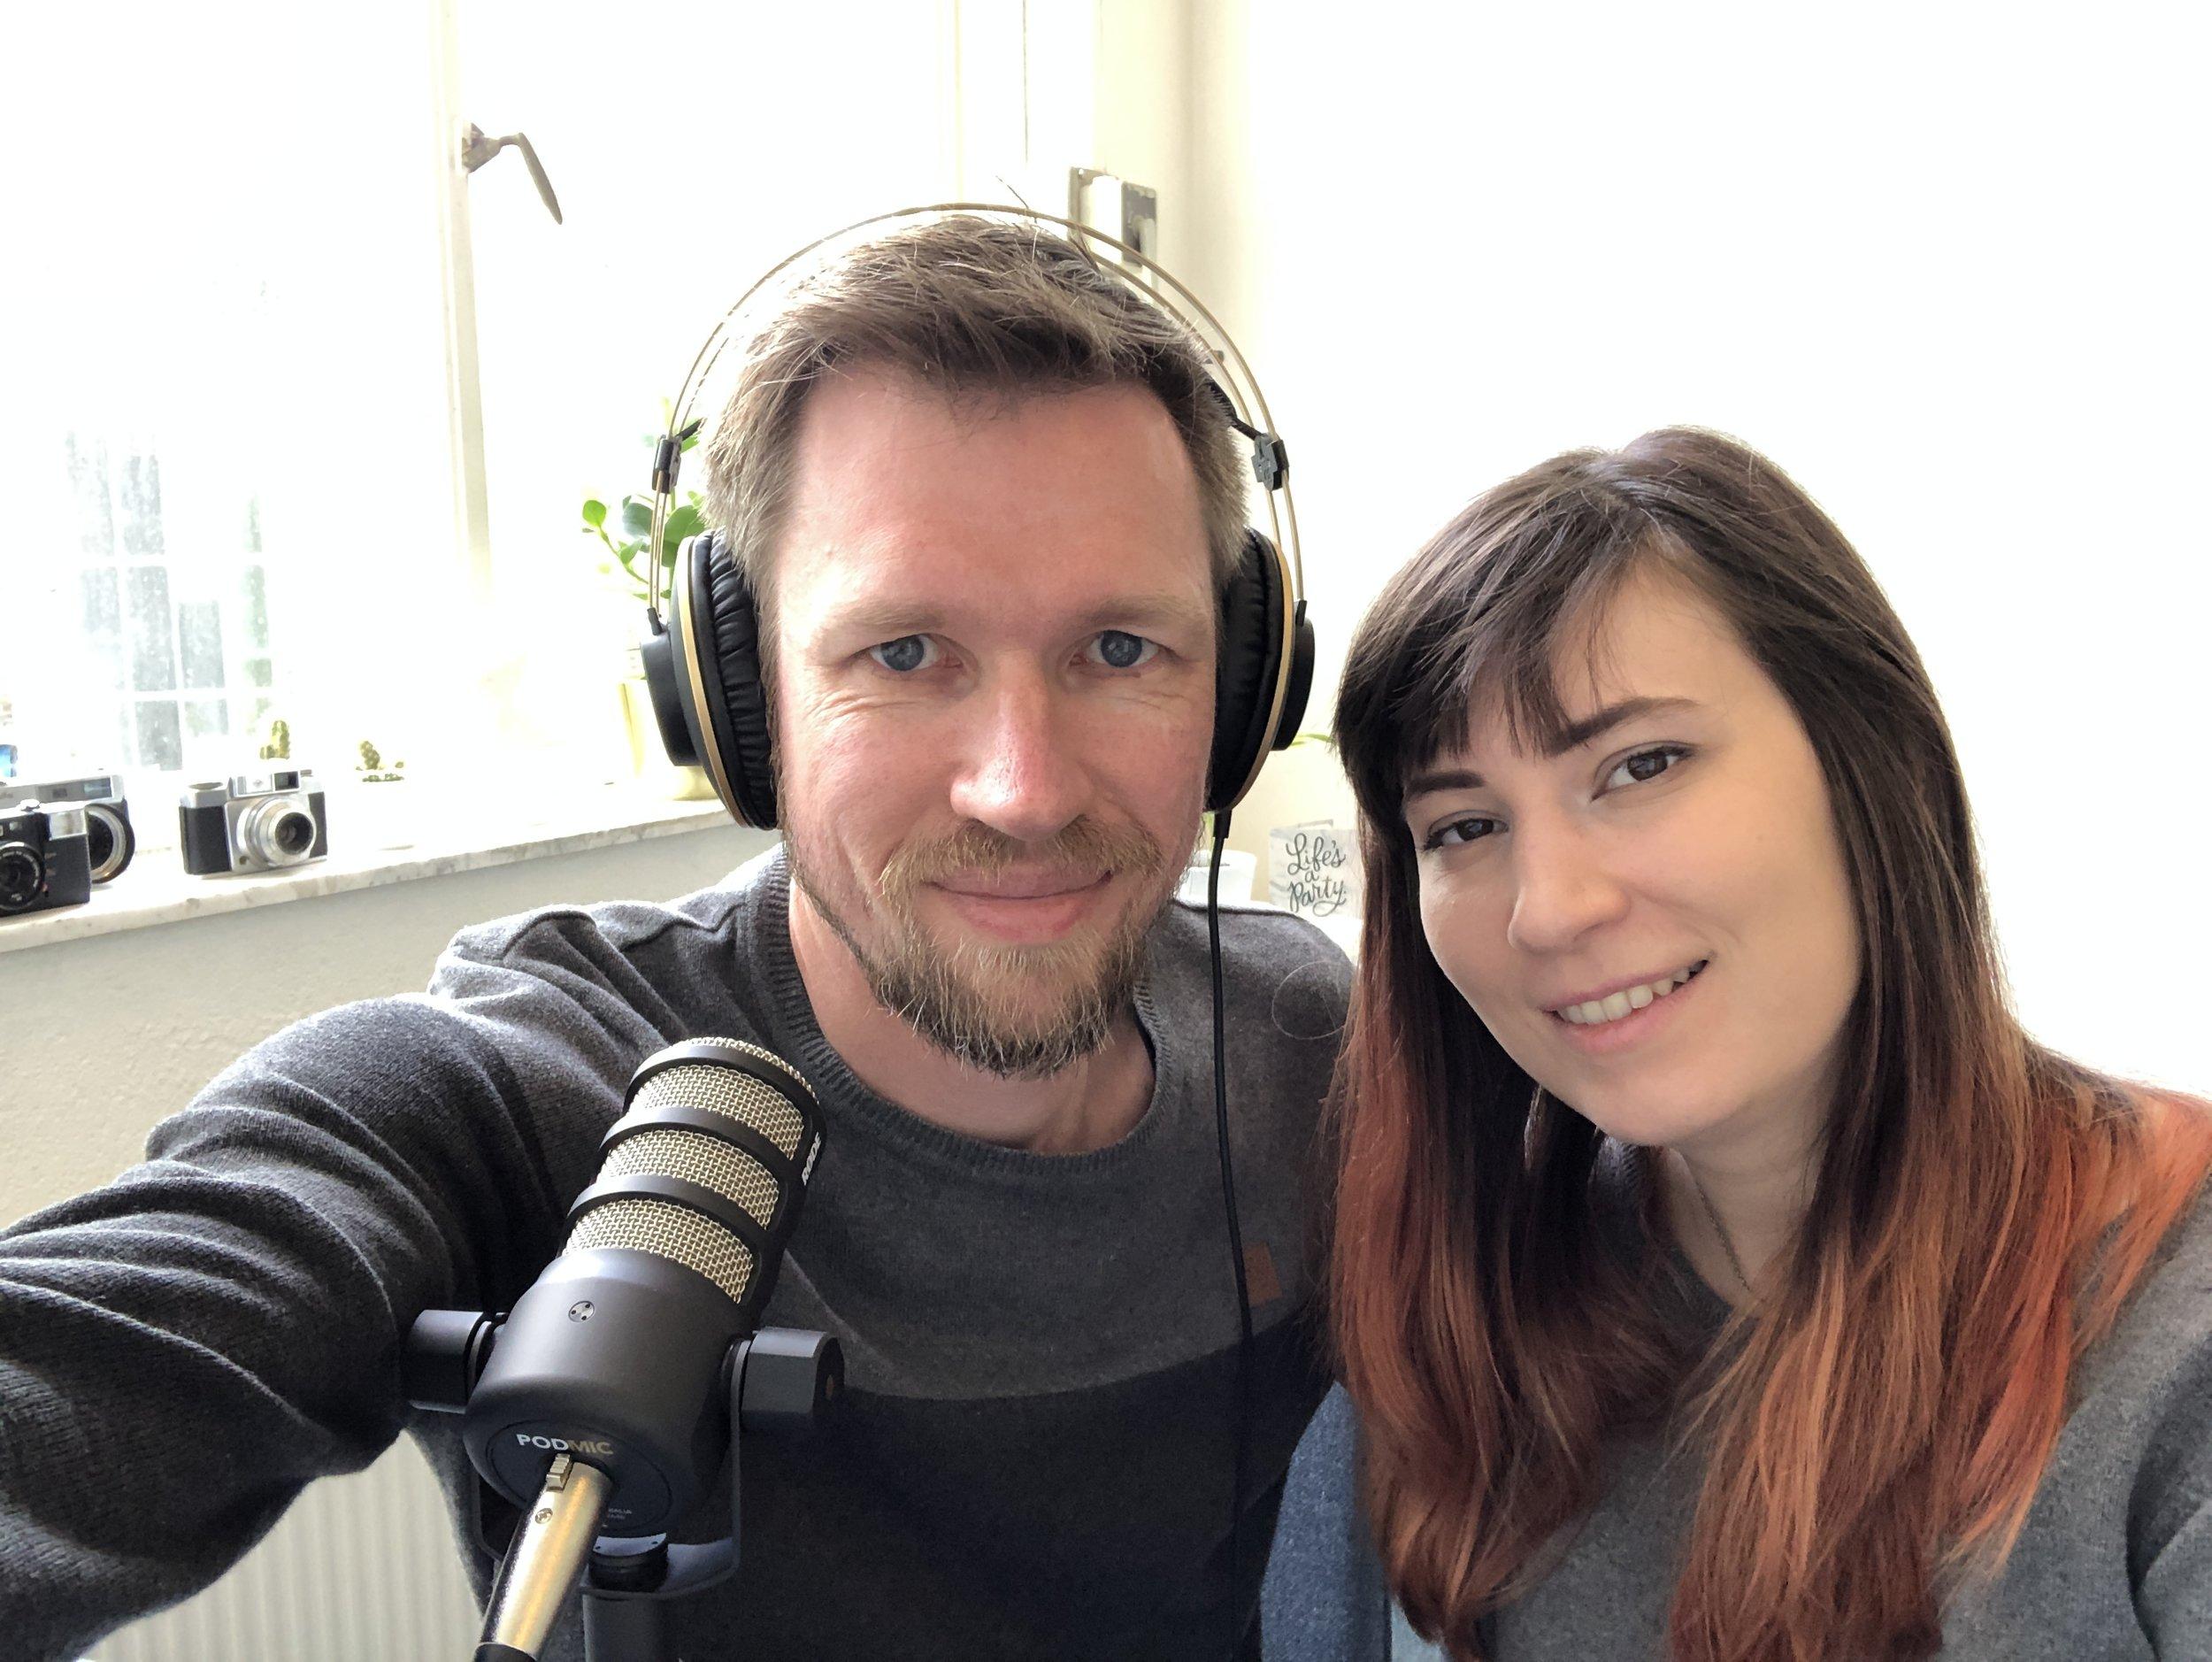 Voor het eerst samen met mijn vriendin een podcast opnemen!